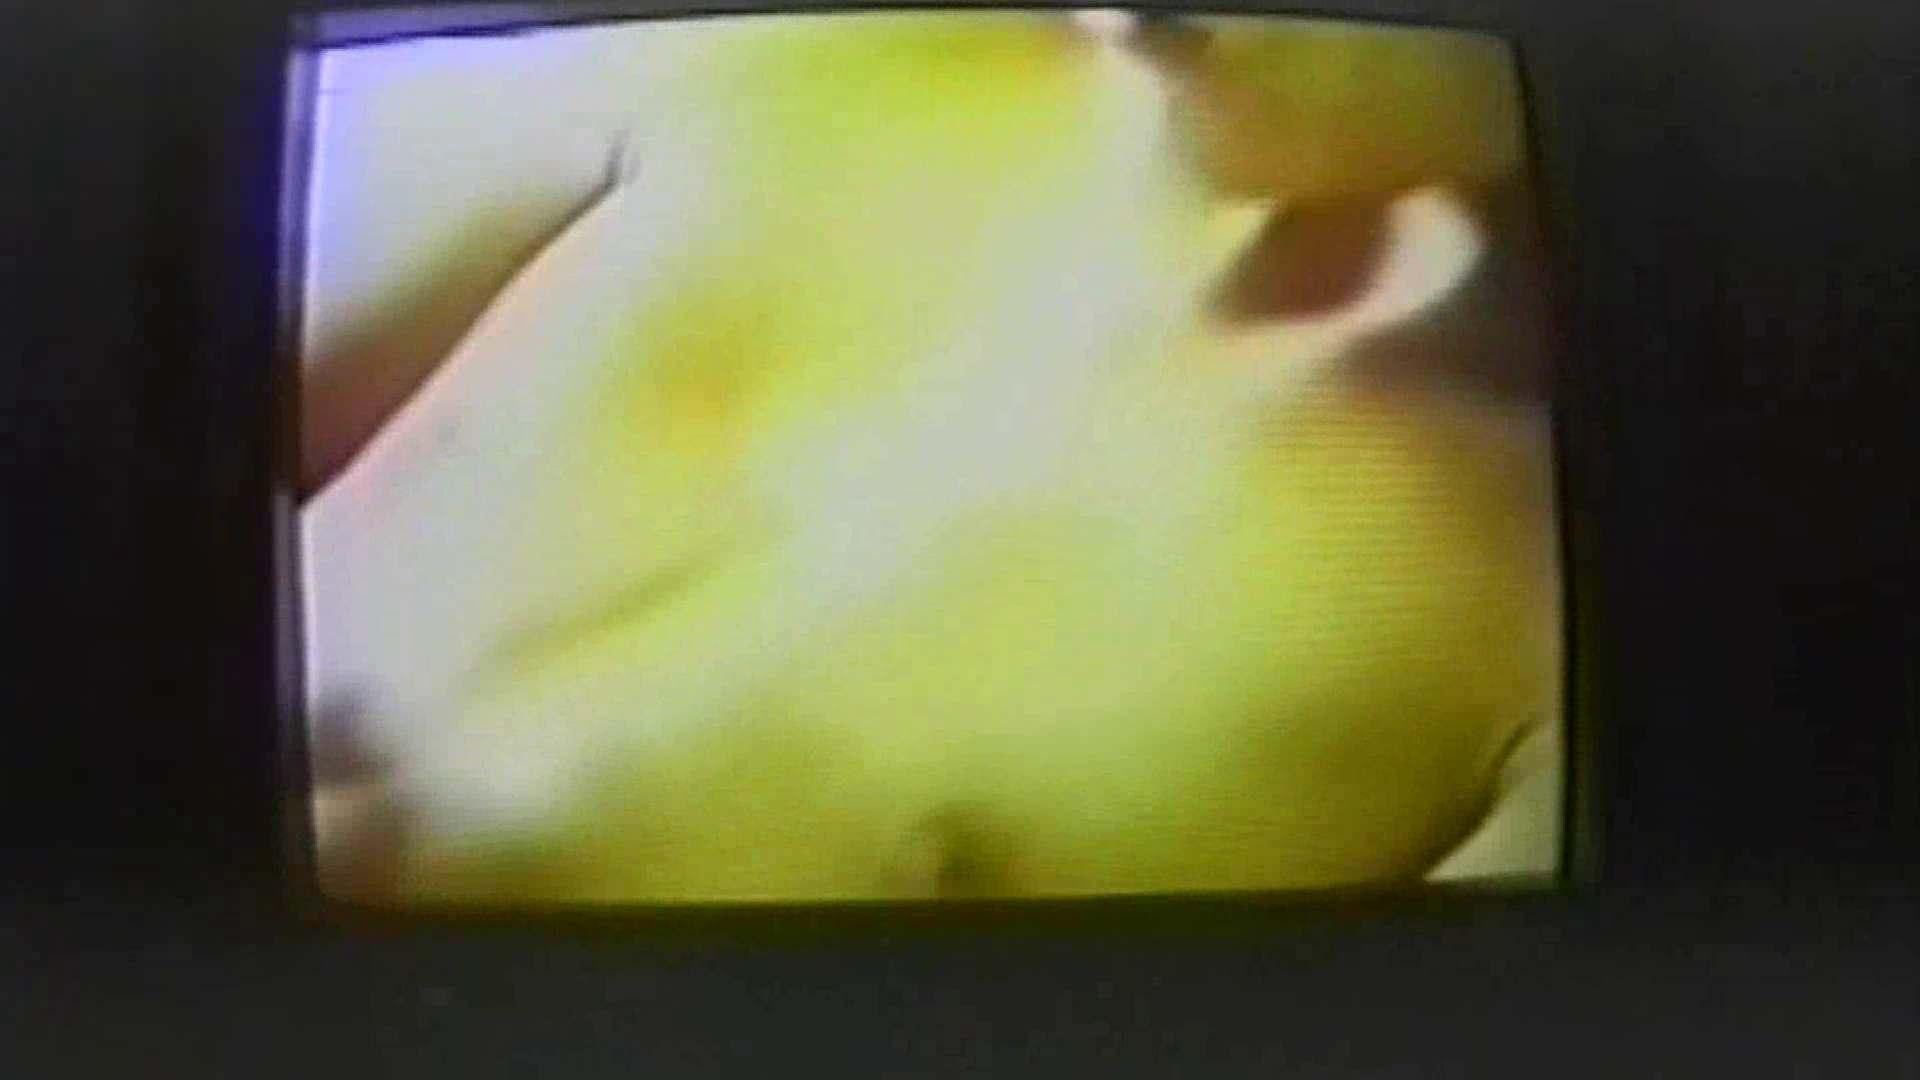 ゲイザーメン動画|俺の新鮮なミルクはいかが? Vol.27|イケメン